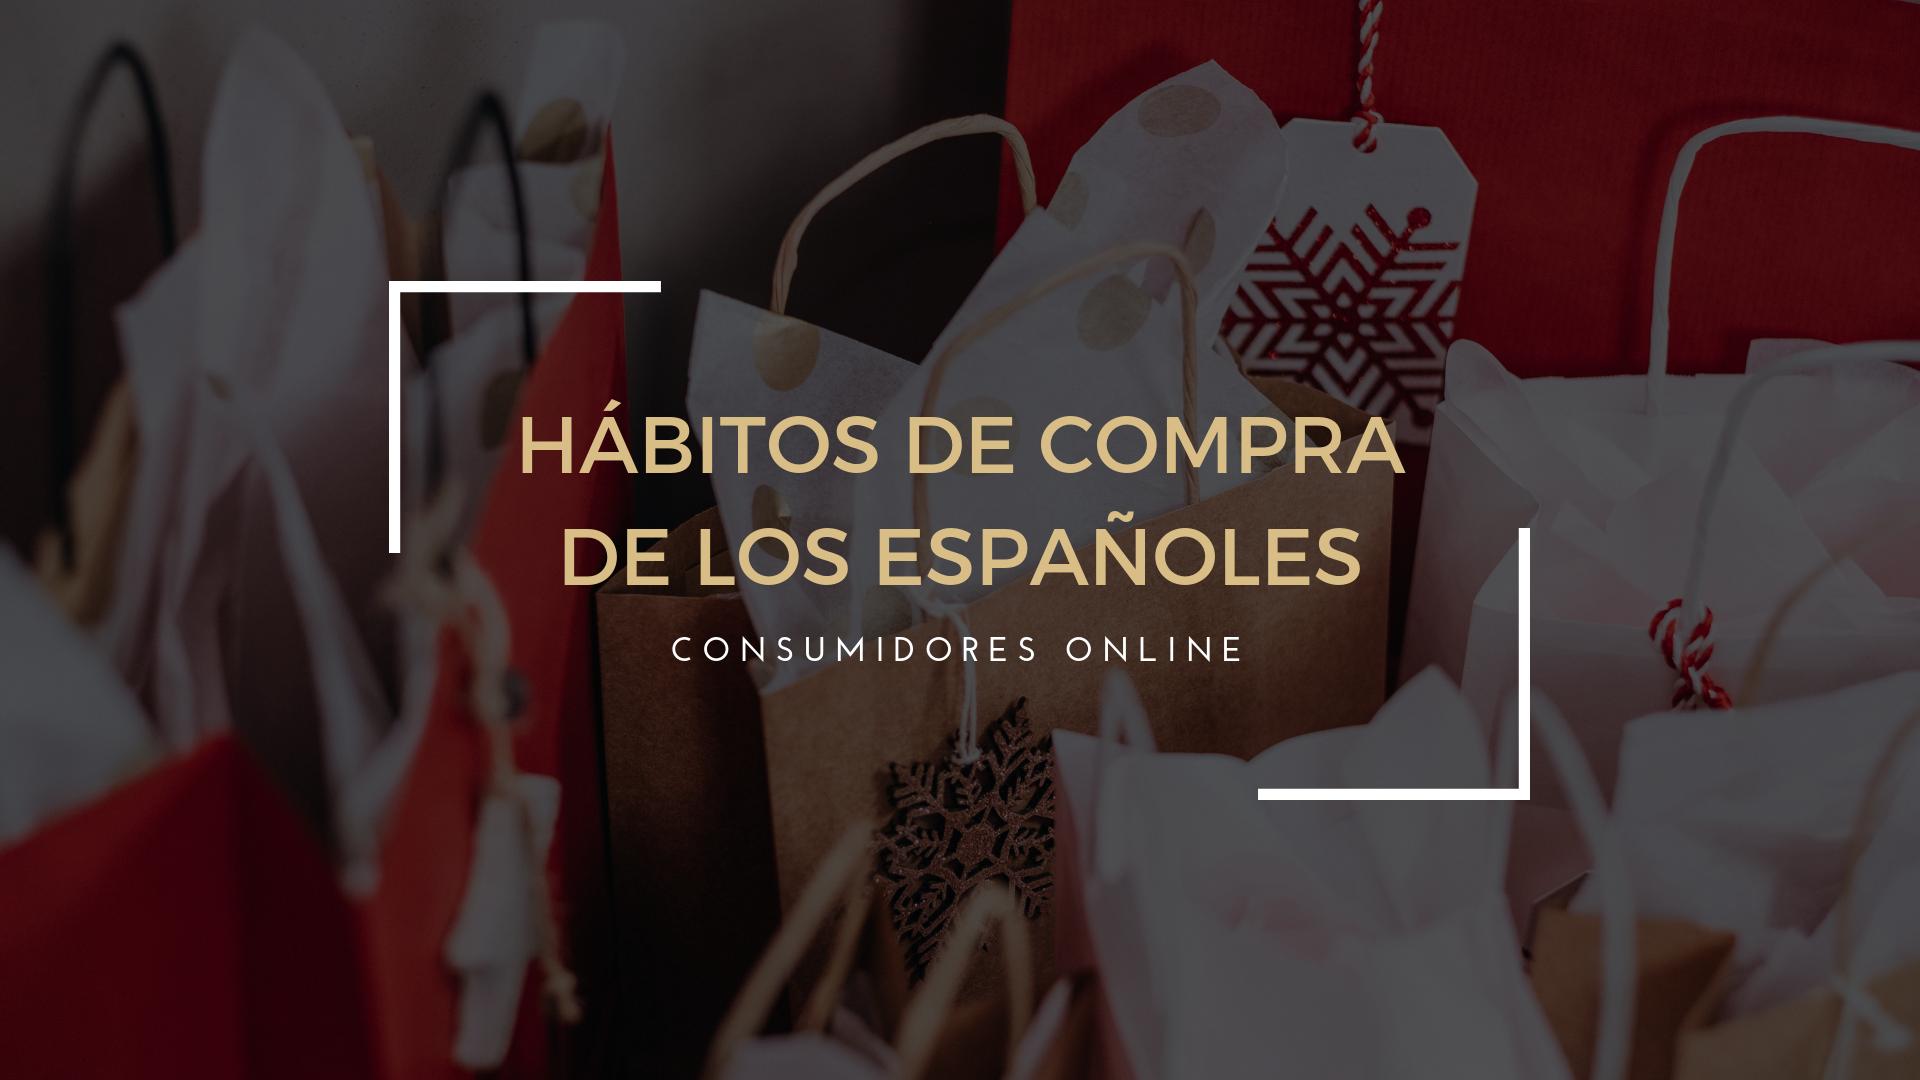 ¿Cuáles son los hábitos de compra de los consumidores online en España?